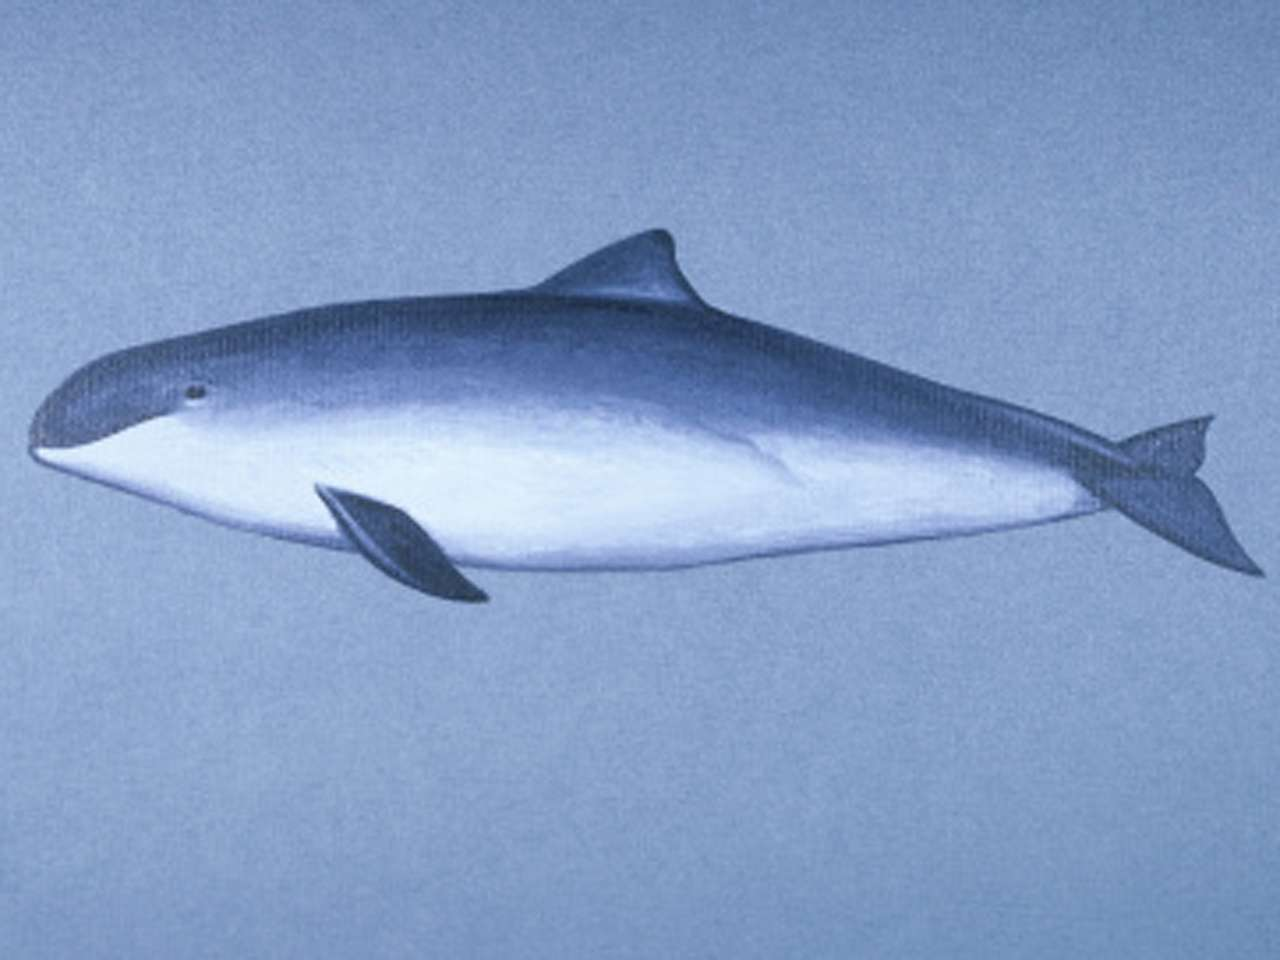 La vaquita marina (Phocoena sinus) es una de las seis especies de marsopa. Habita exclusivamente en el Golfo de California, México. En total, sólo quedan menos de cien ejemplares Foto: Getty Images/Richard Ellis